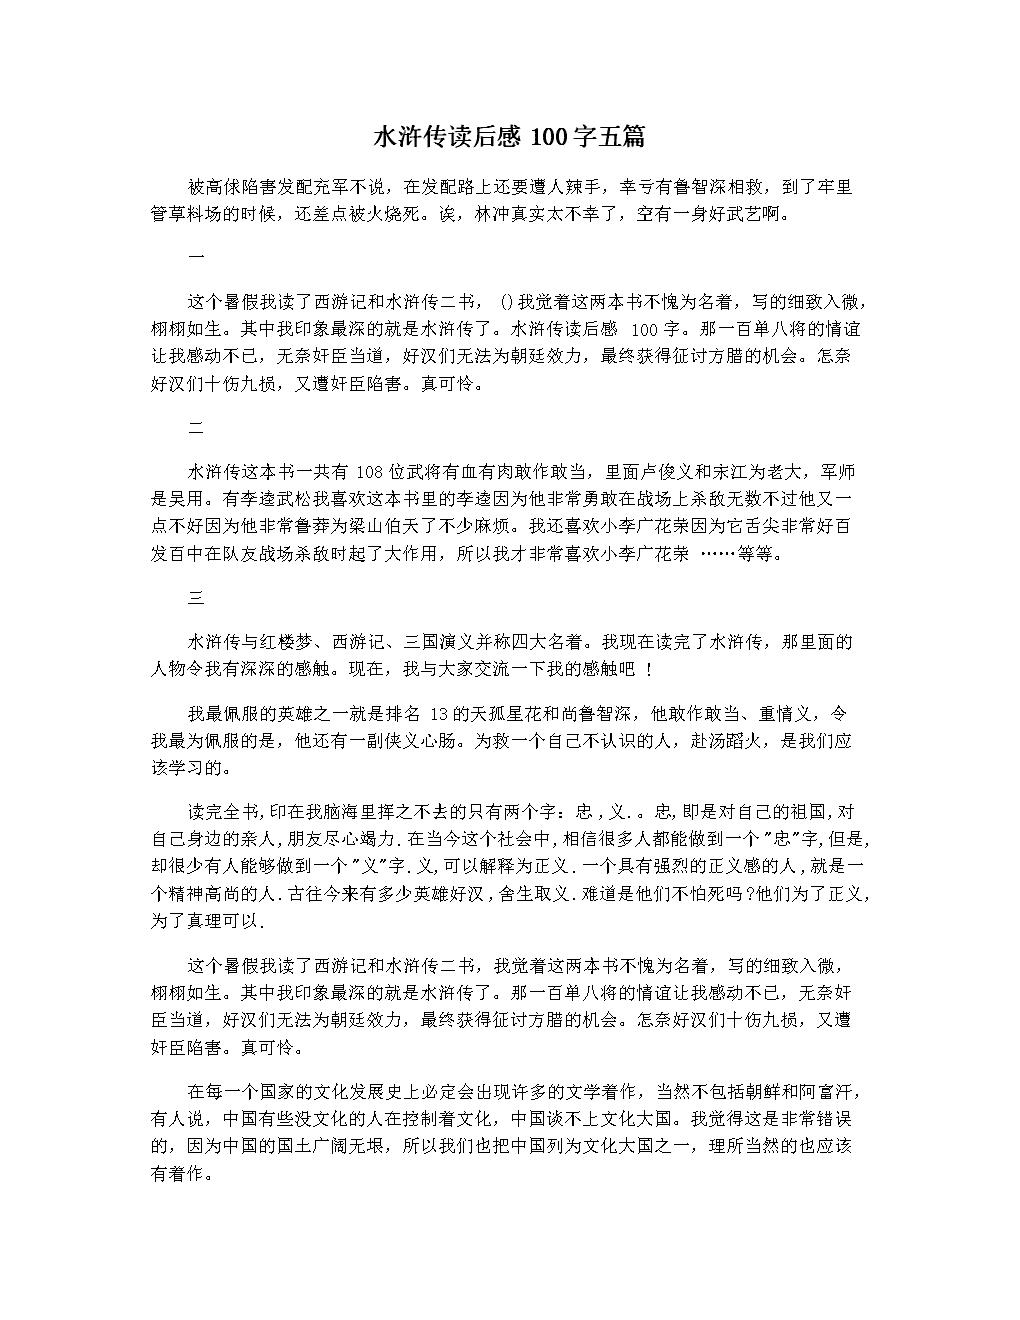 水浒传读后感100字五篇.docx